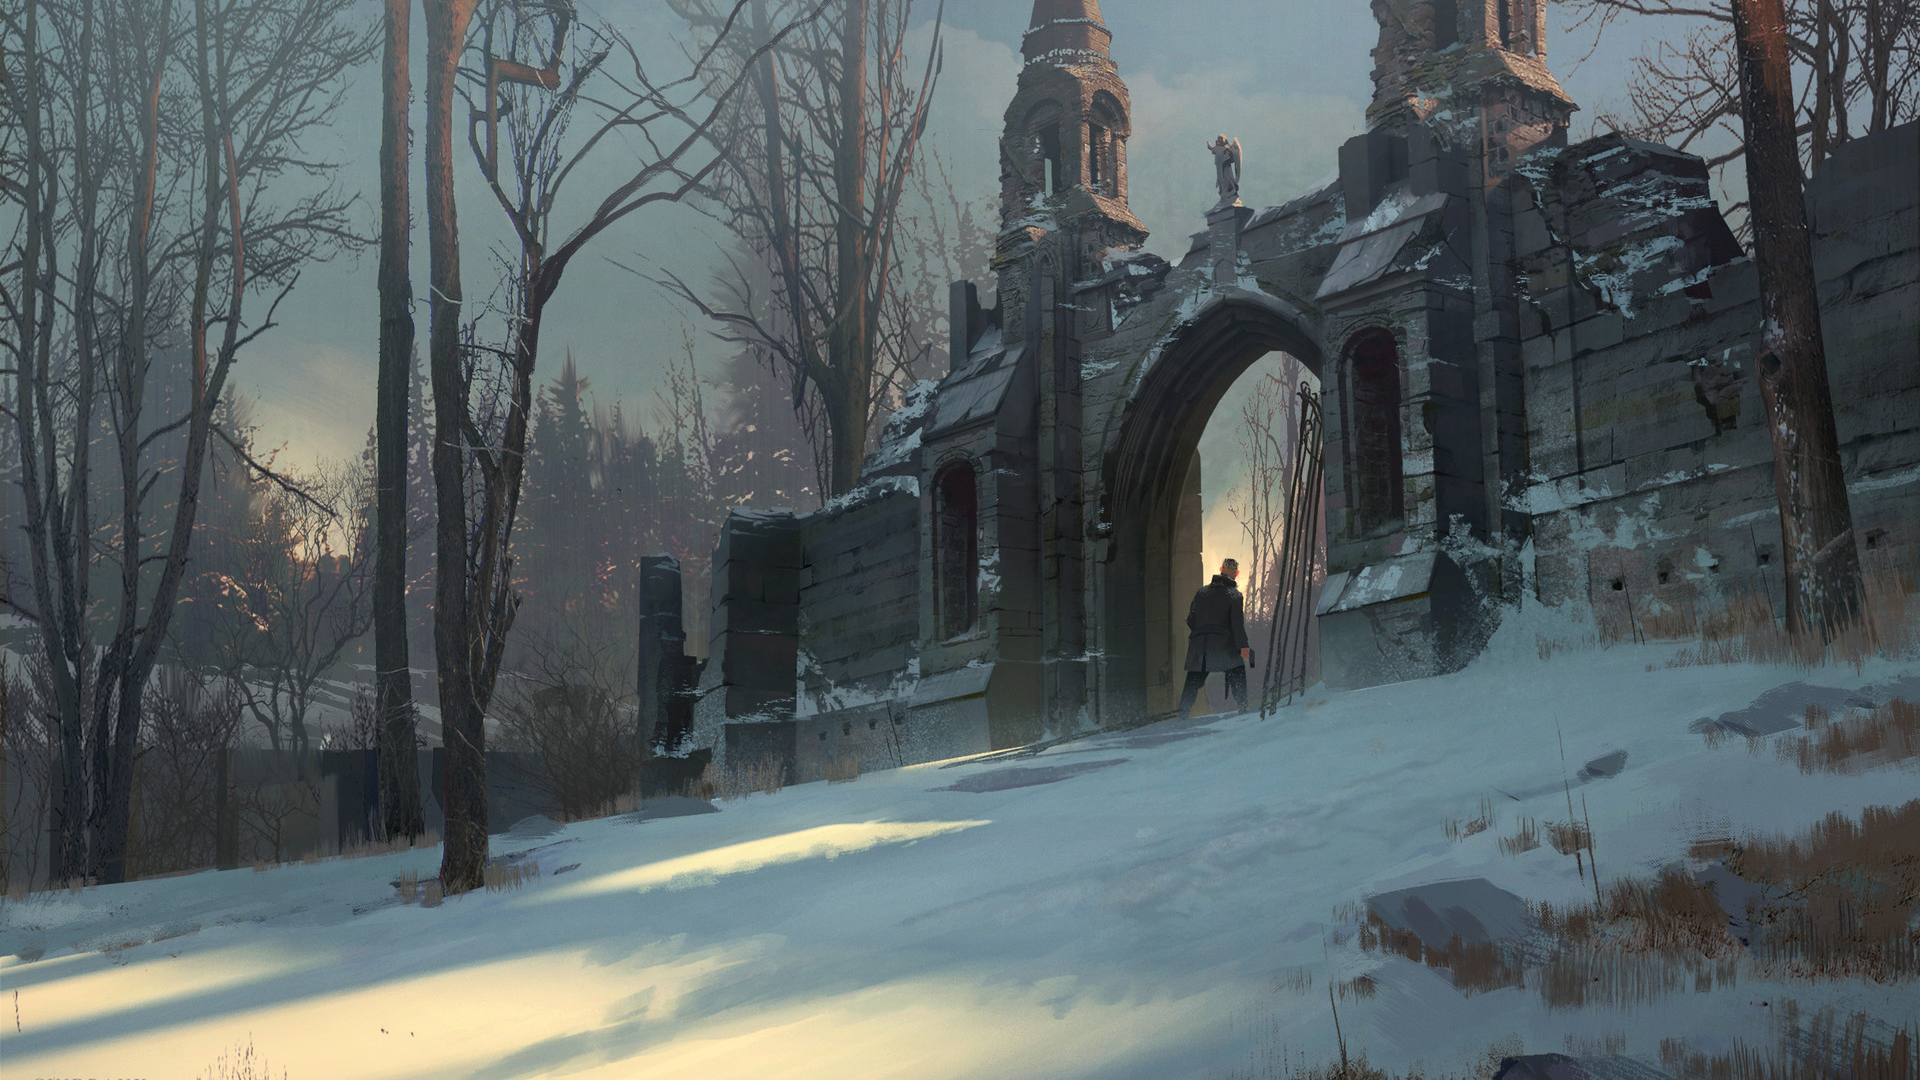 神秘海域4雪山顽皮狗PPT背景图片免费下载是由PPT宝藏(www.pptbz.com)会员zengmin上传推荐的淡雅PPT背景图片, 更新时间为2017-01-15,素材编号119383。 《神秘海域4:盗贼末路》(英语:Uncharted 4: A Thiefs End)是一款即将发行在PlayStation 4上的独占动作冒险游戏。作为索尼E3 2014发布会压轴作品,顽皮狗旗下团队制作的《神秘海域4:盗贼末路(Uncharted 4: A thiefs end)》正式公布。本作预计于201